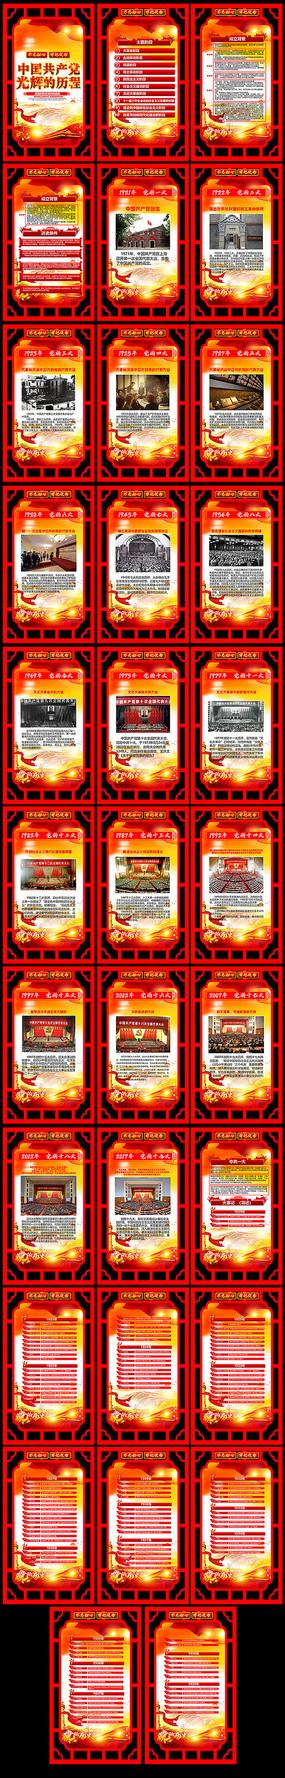 中国共产党的发展历程宣传展板